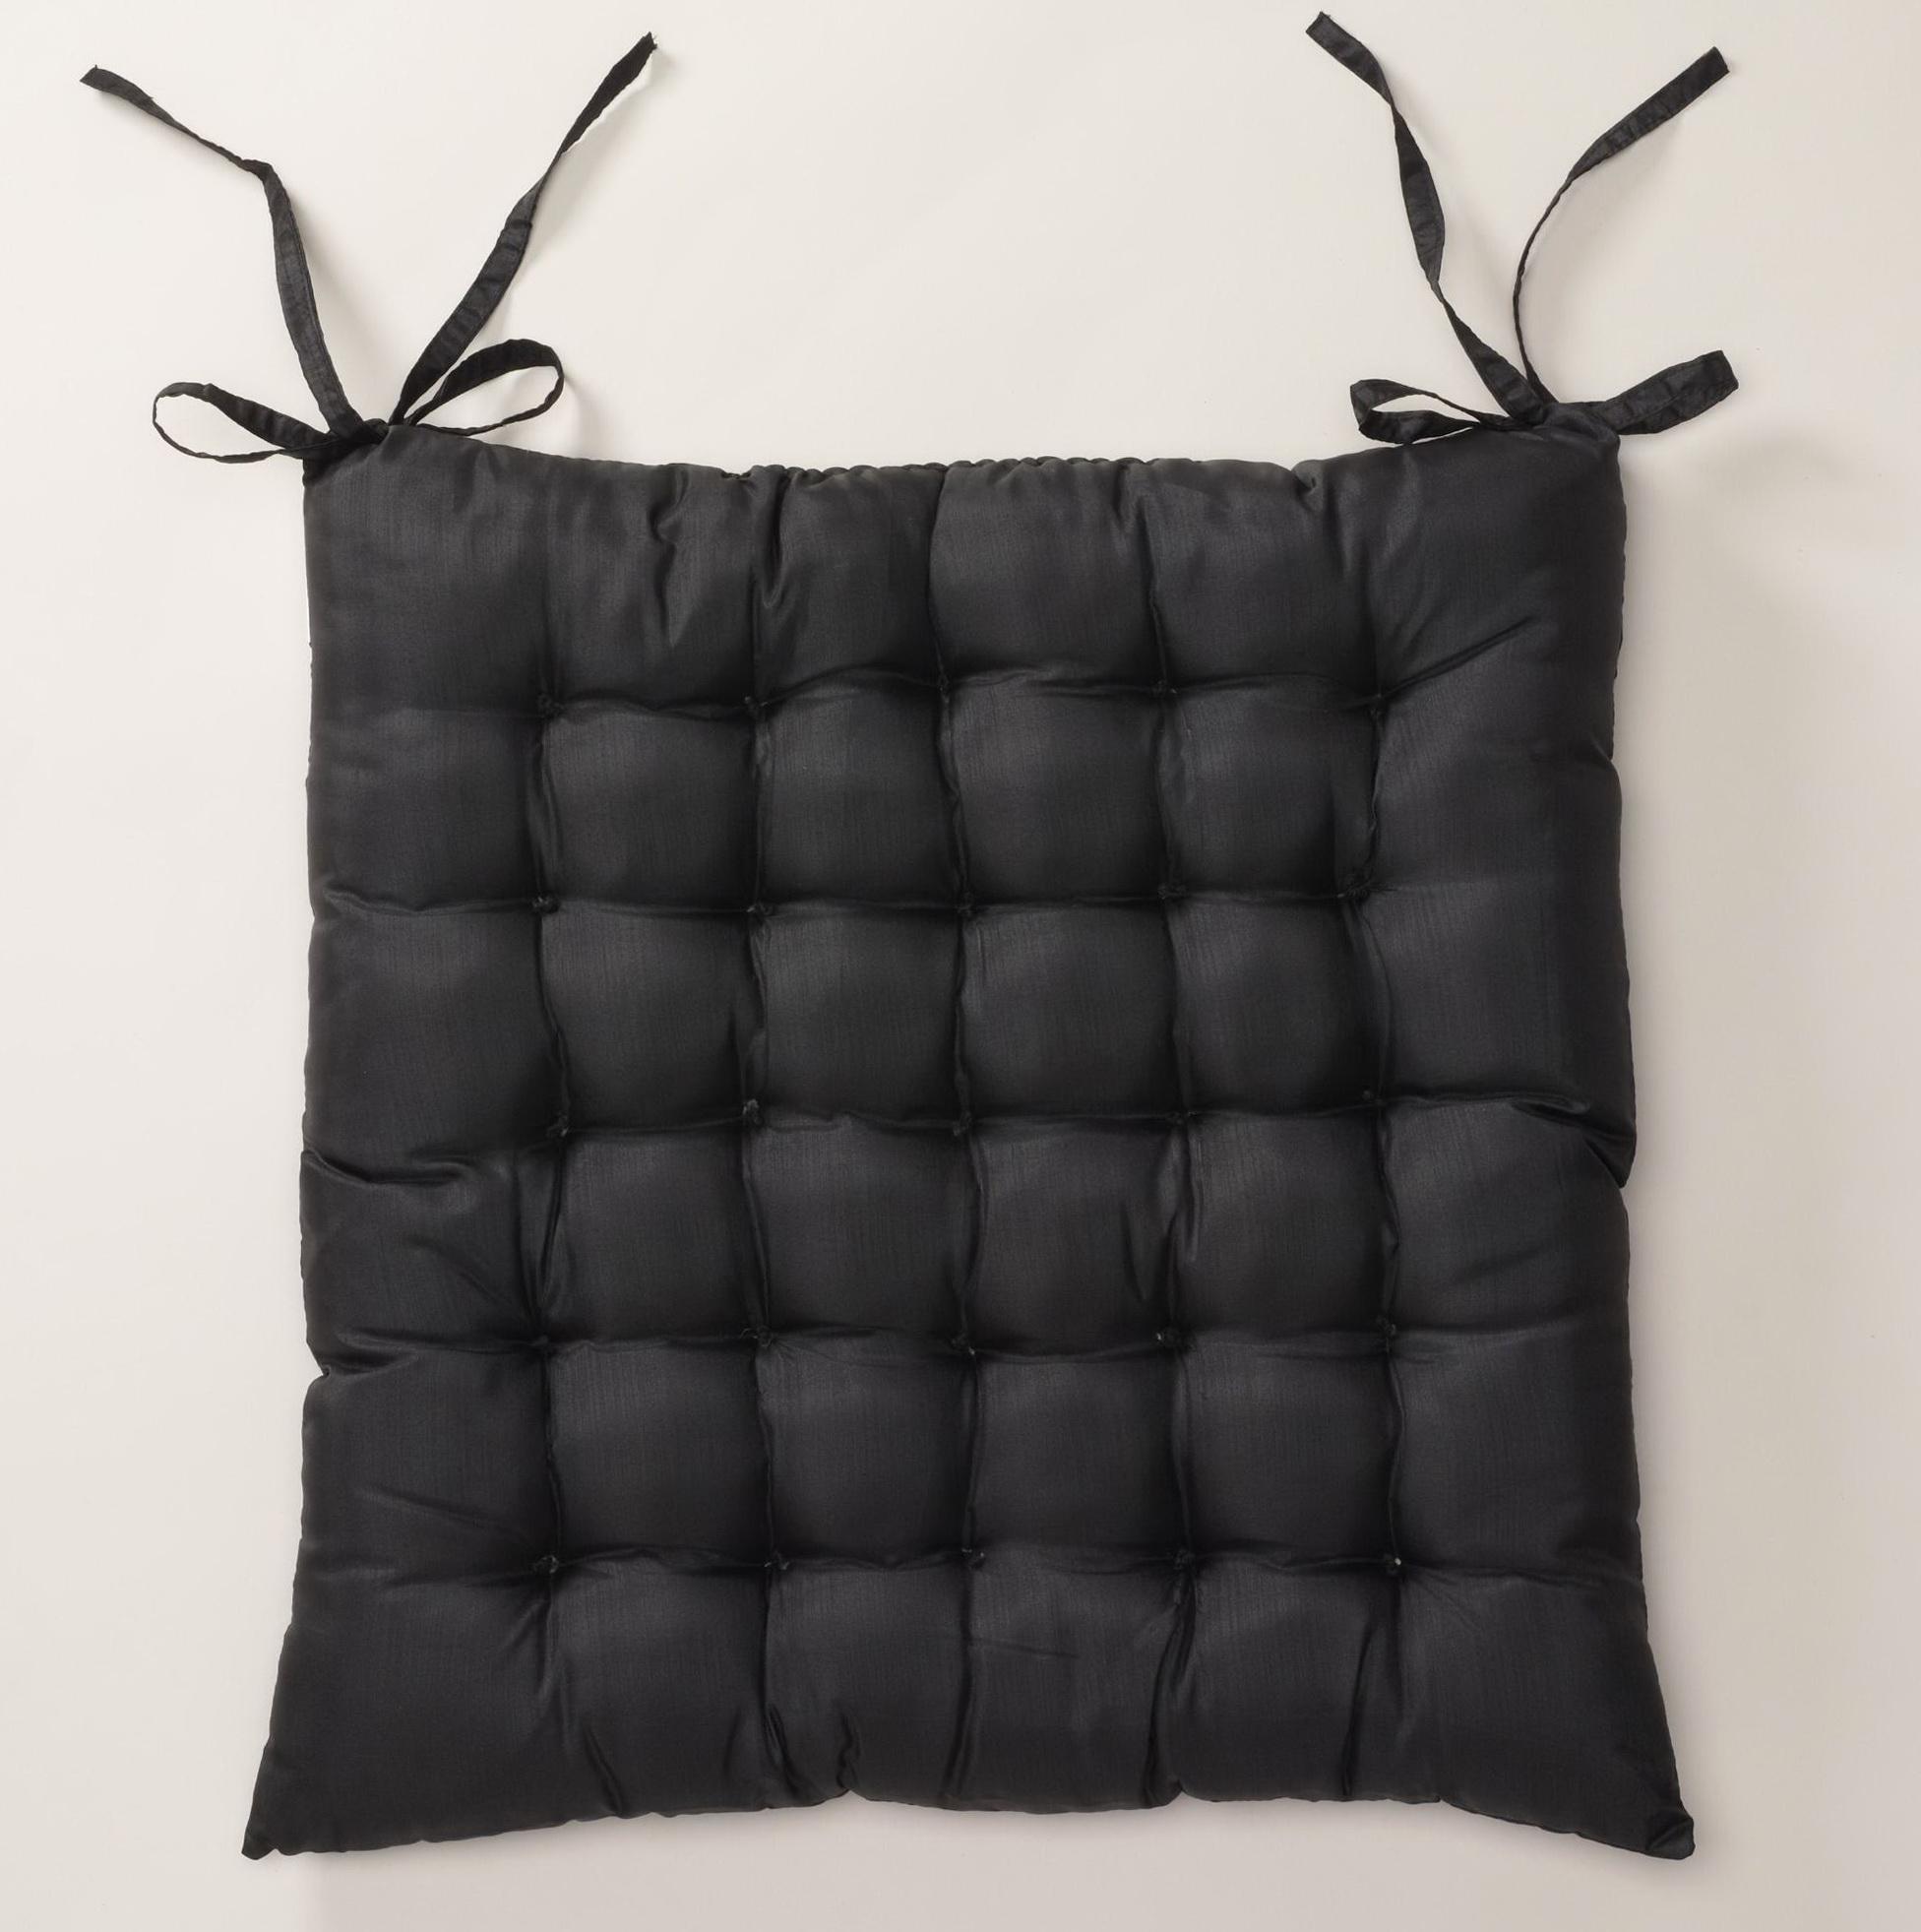 Black Chair Cushions Pads